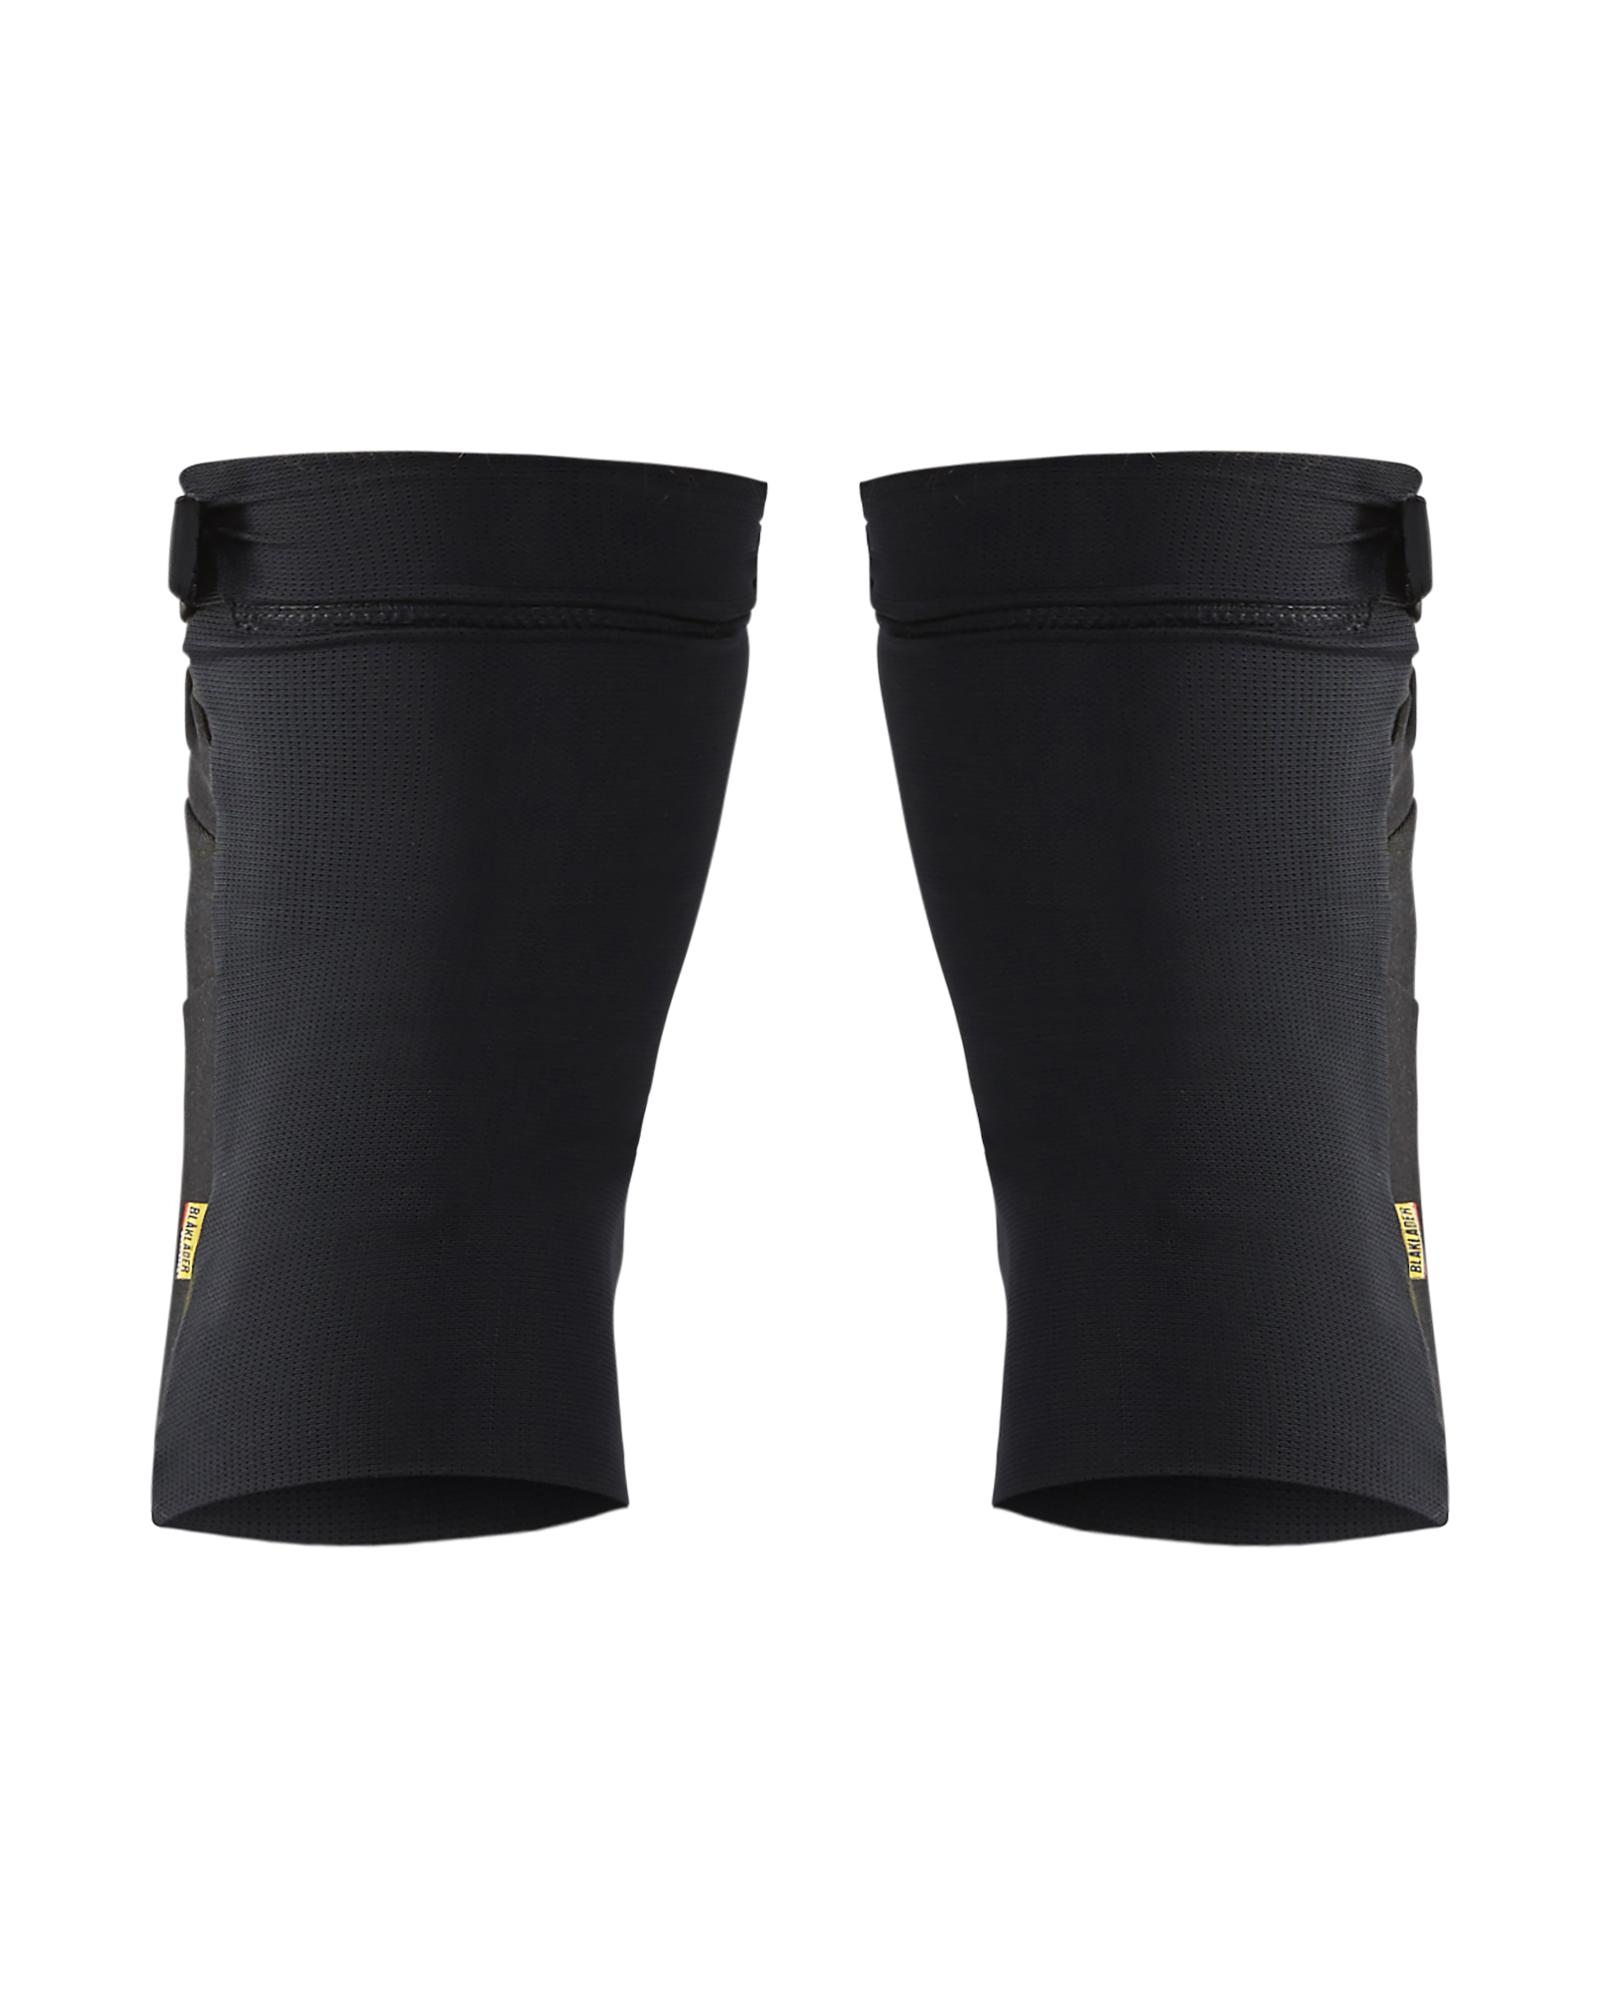 Kniebeschermers Type 1